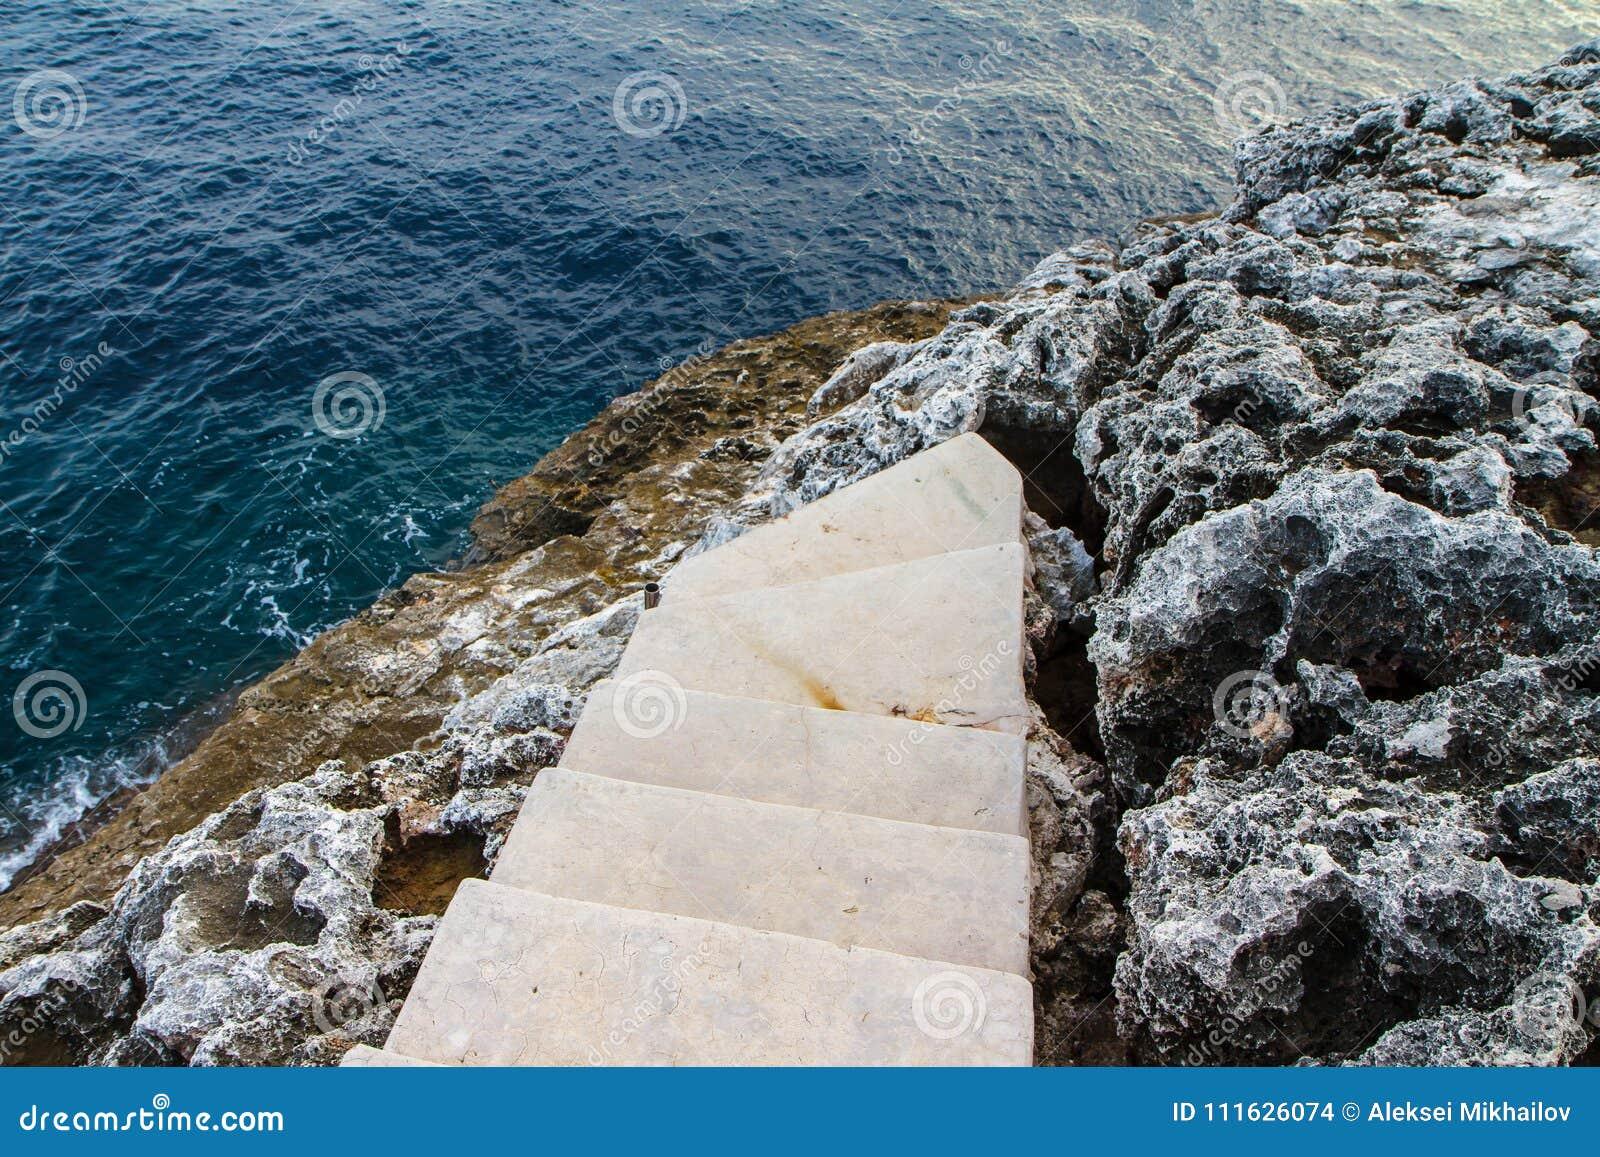 Лестницы к среднеземноморскому, скалистому взгляду со стороны берега Мальорка, Испания